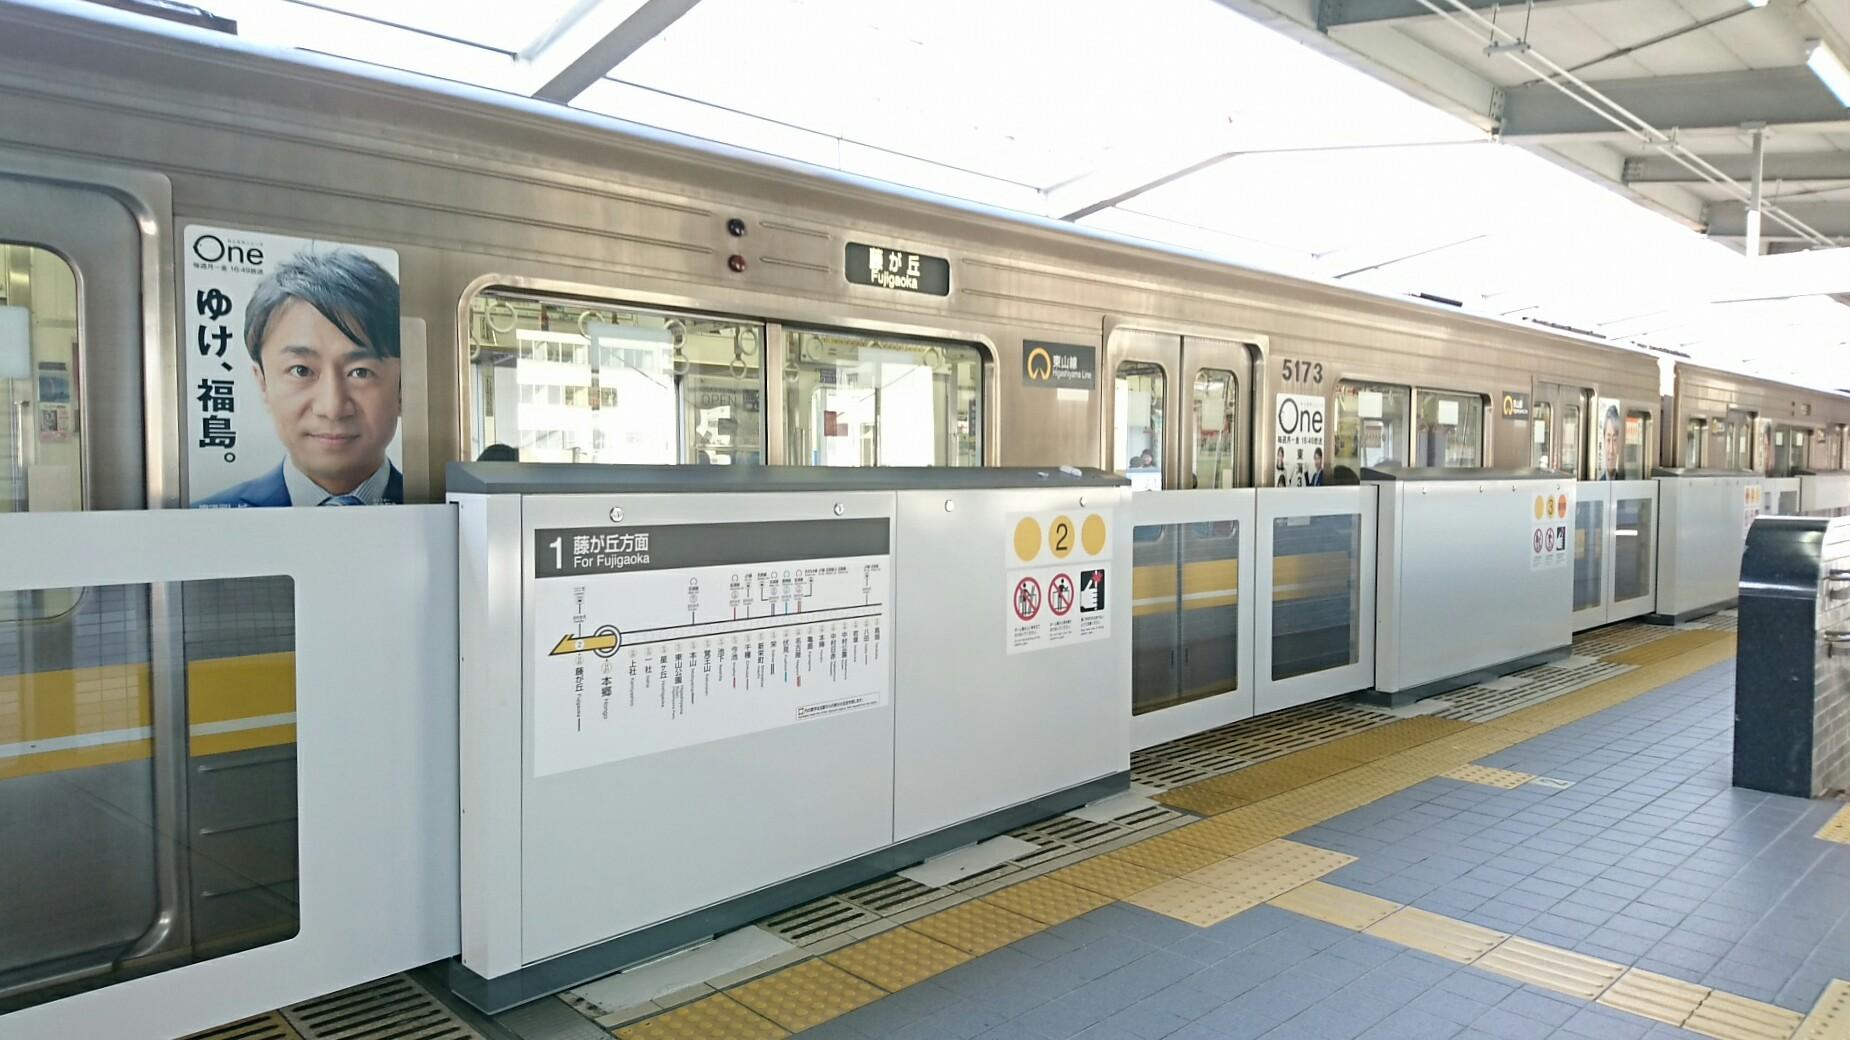 2017.12.18 名古屋 (13) 本郷 - 藤が丘いき 1850-1040